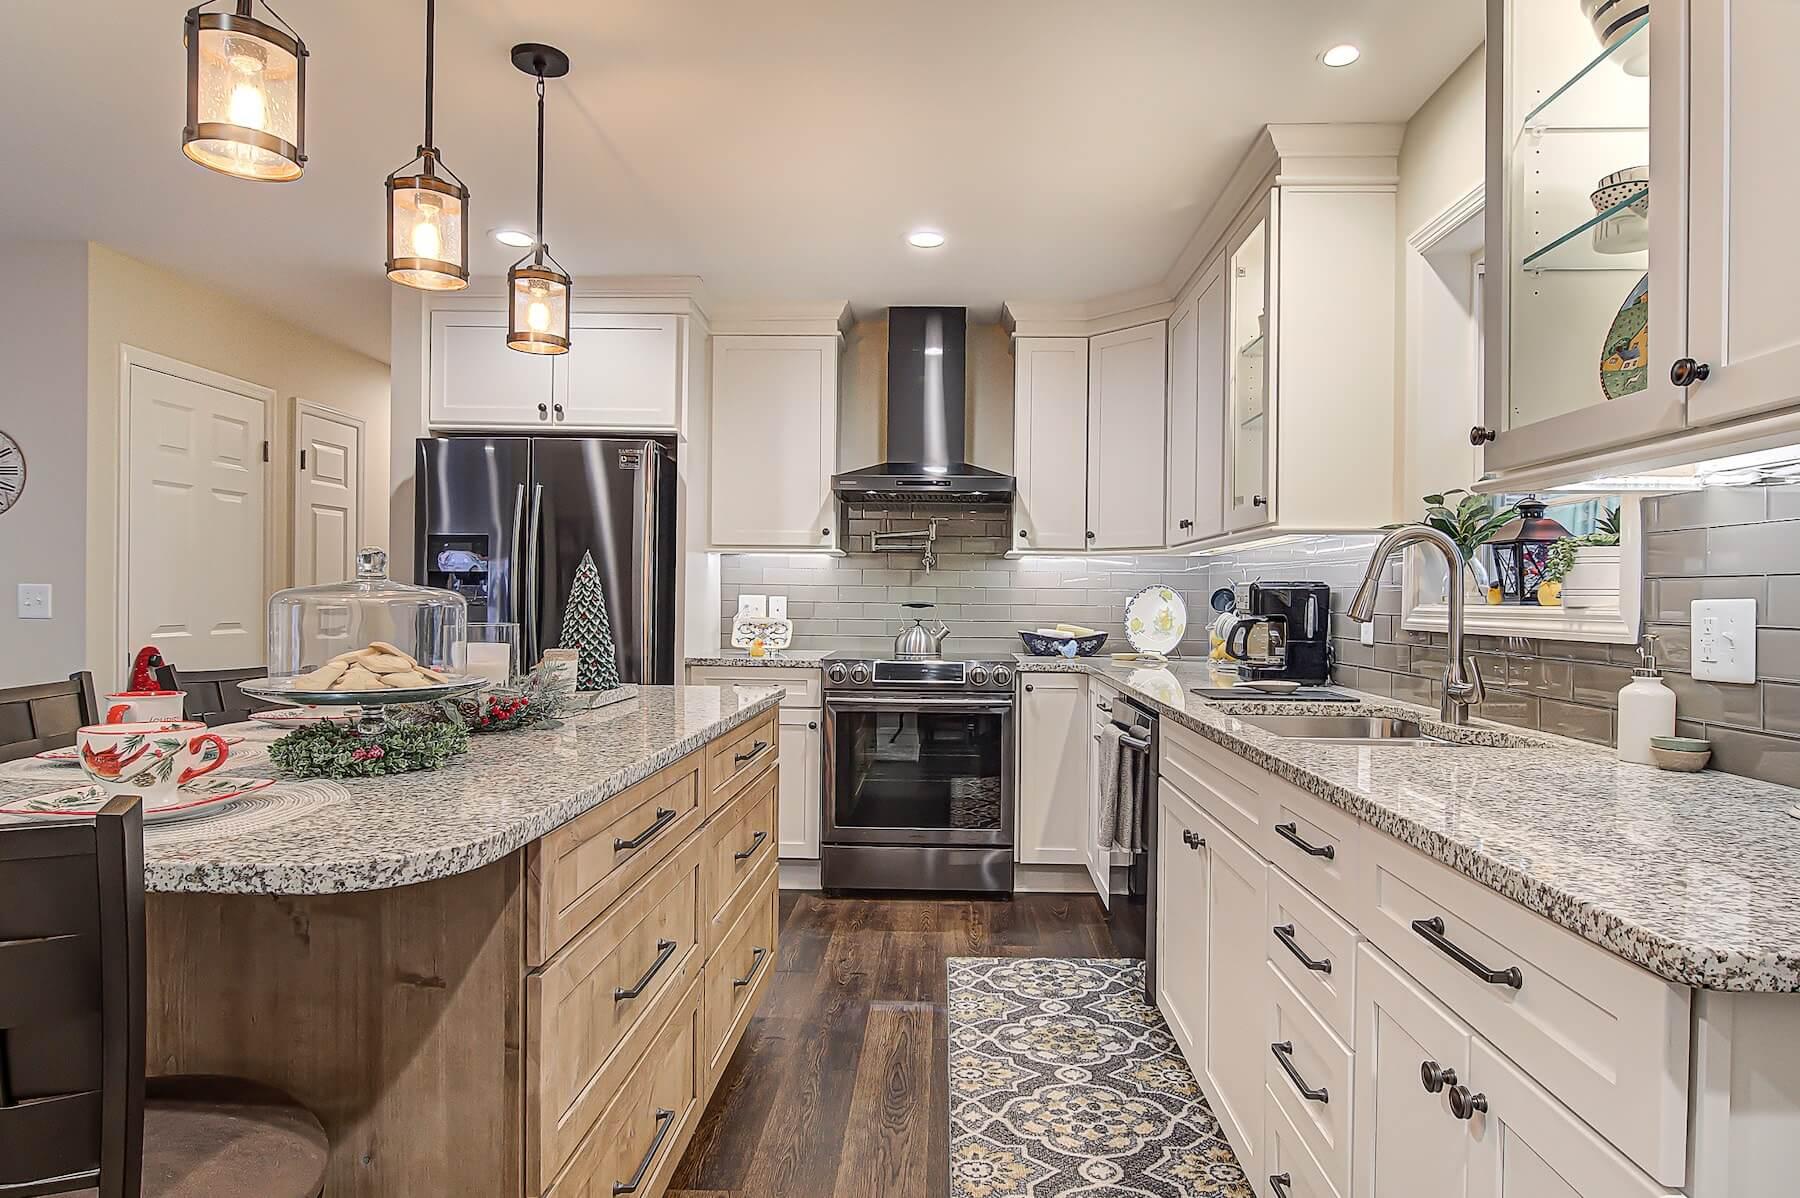 Complete Custom Kitchen Remodel   Kernersville   Kitchen and Bath Remodeling Kernersville, NC